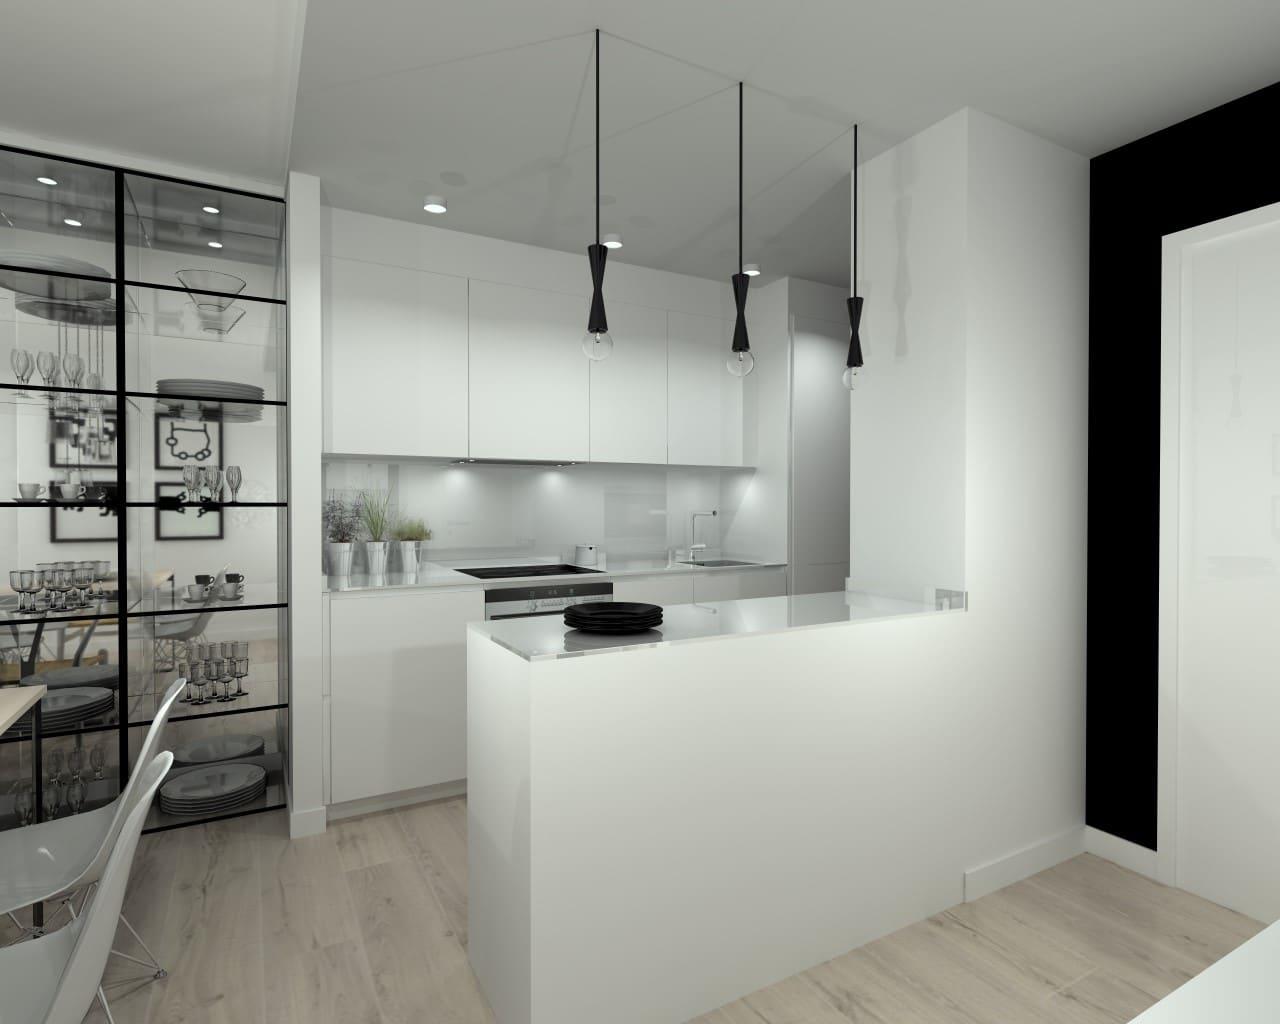 Cocina abierta en apartamento peque o estudio cocinas dc for Cocina para departamento pequeno